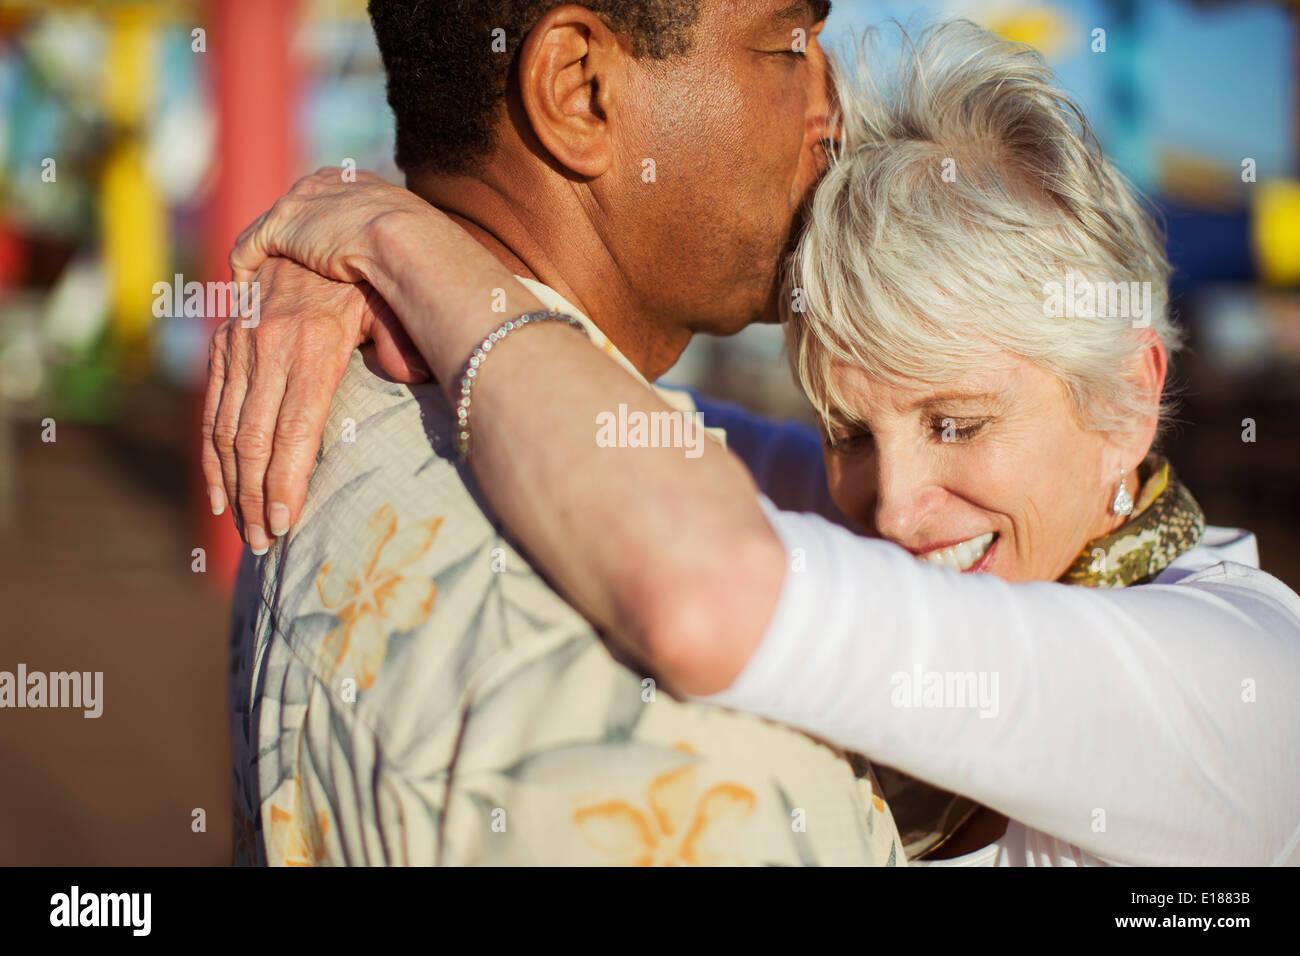 Las parejas ancianas besos al aire libre Imagen De Stock